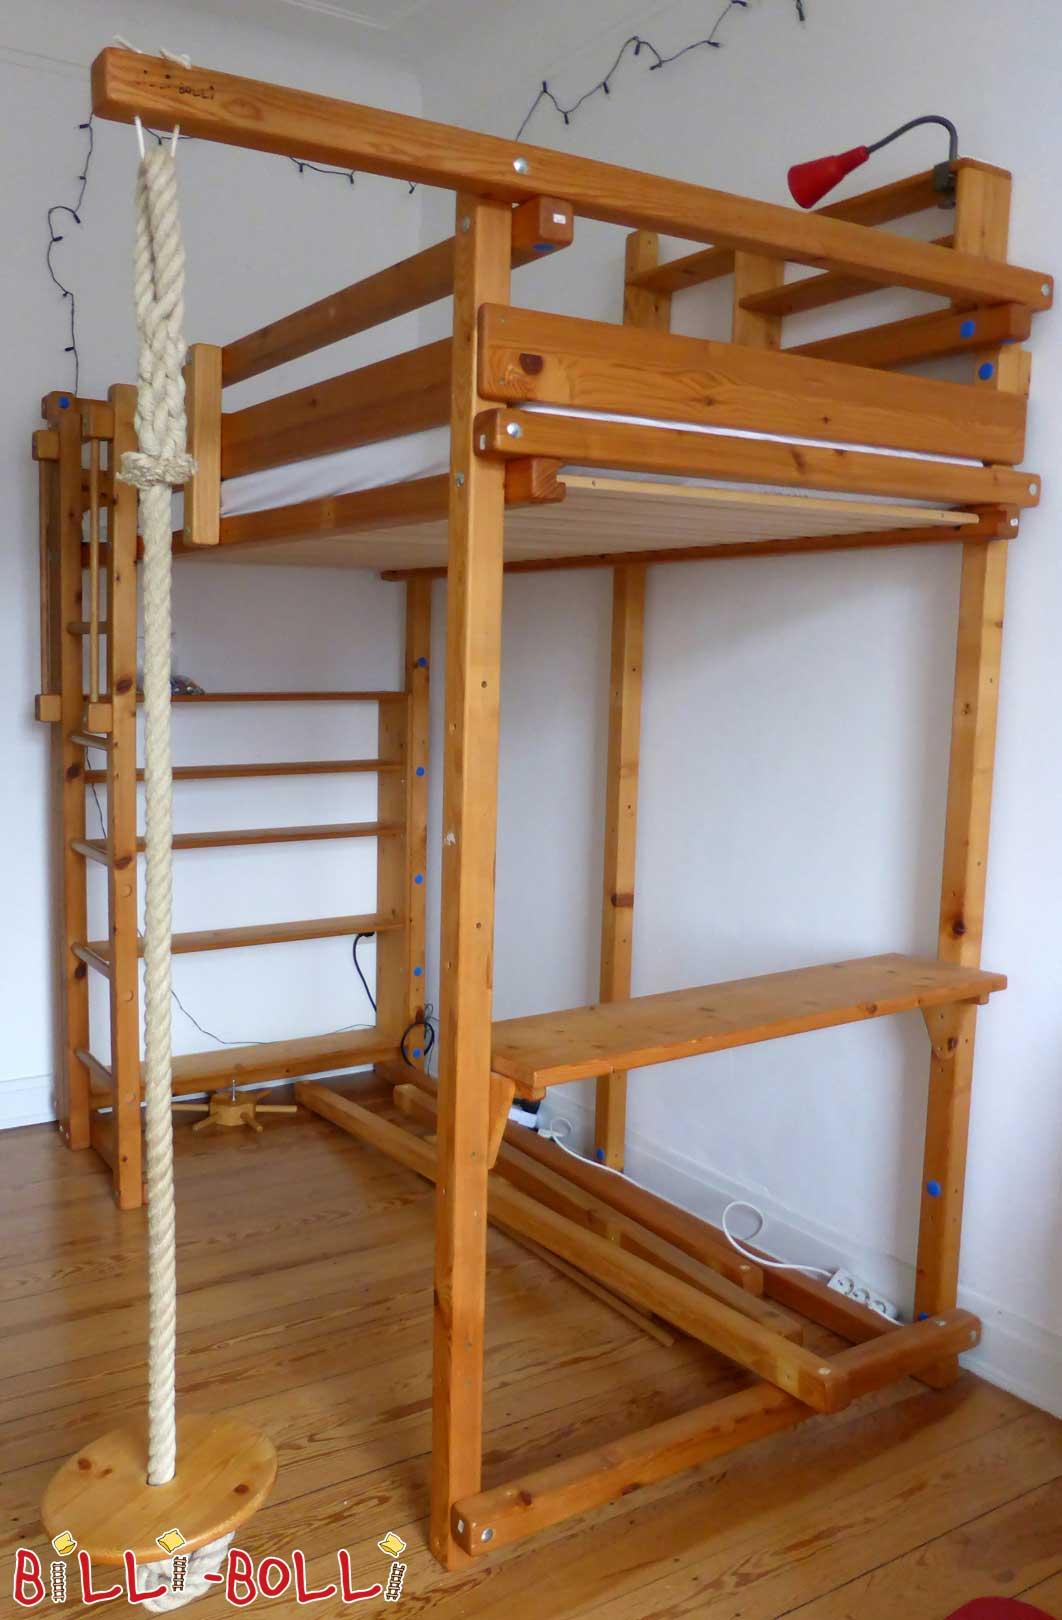 secondhand seite 13 billi bolli kinderm bel. Black Bedroom Furniture Sets. Home Design Ideas